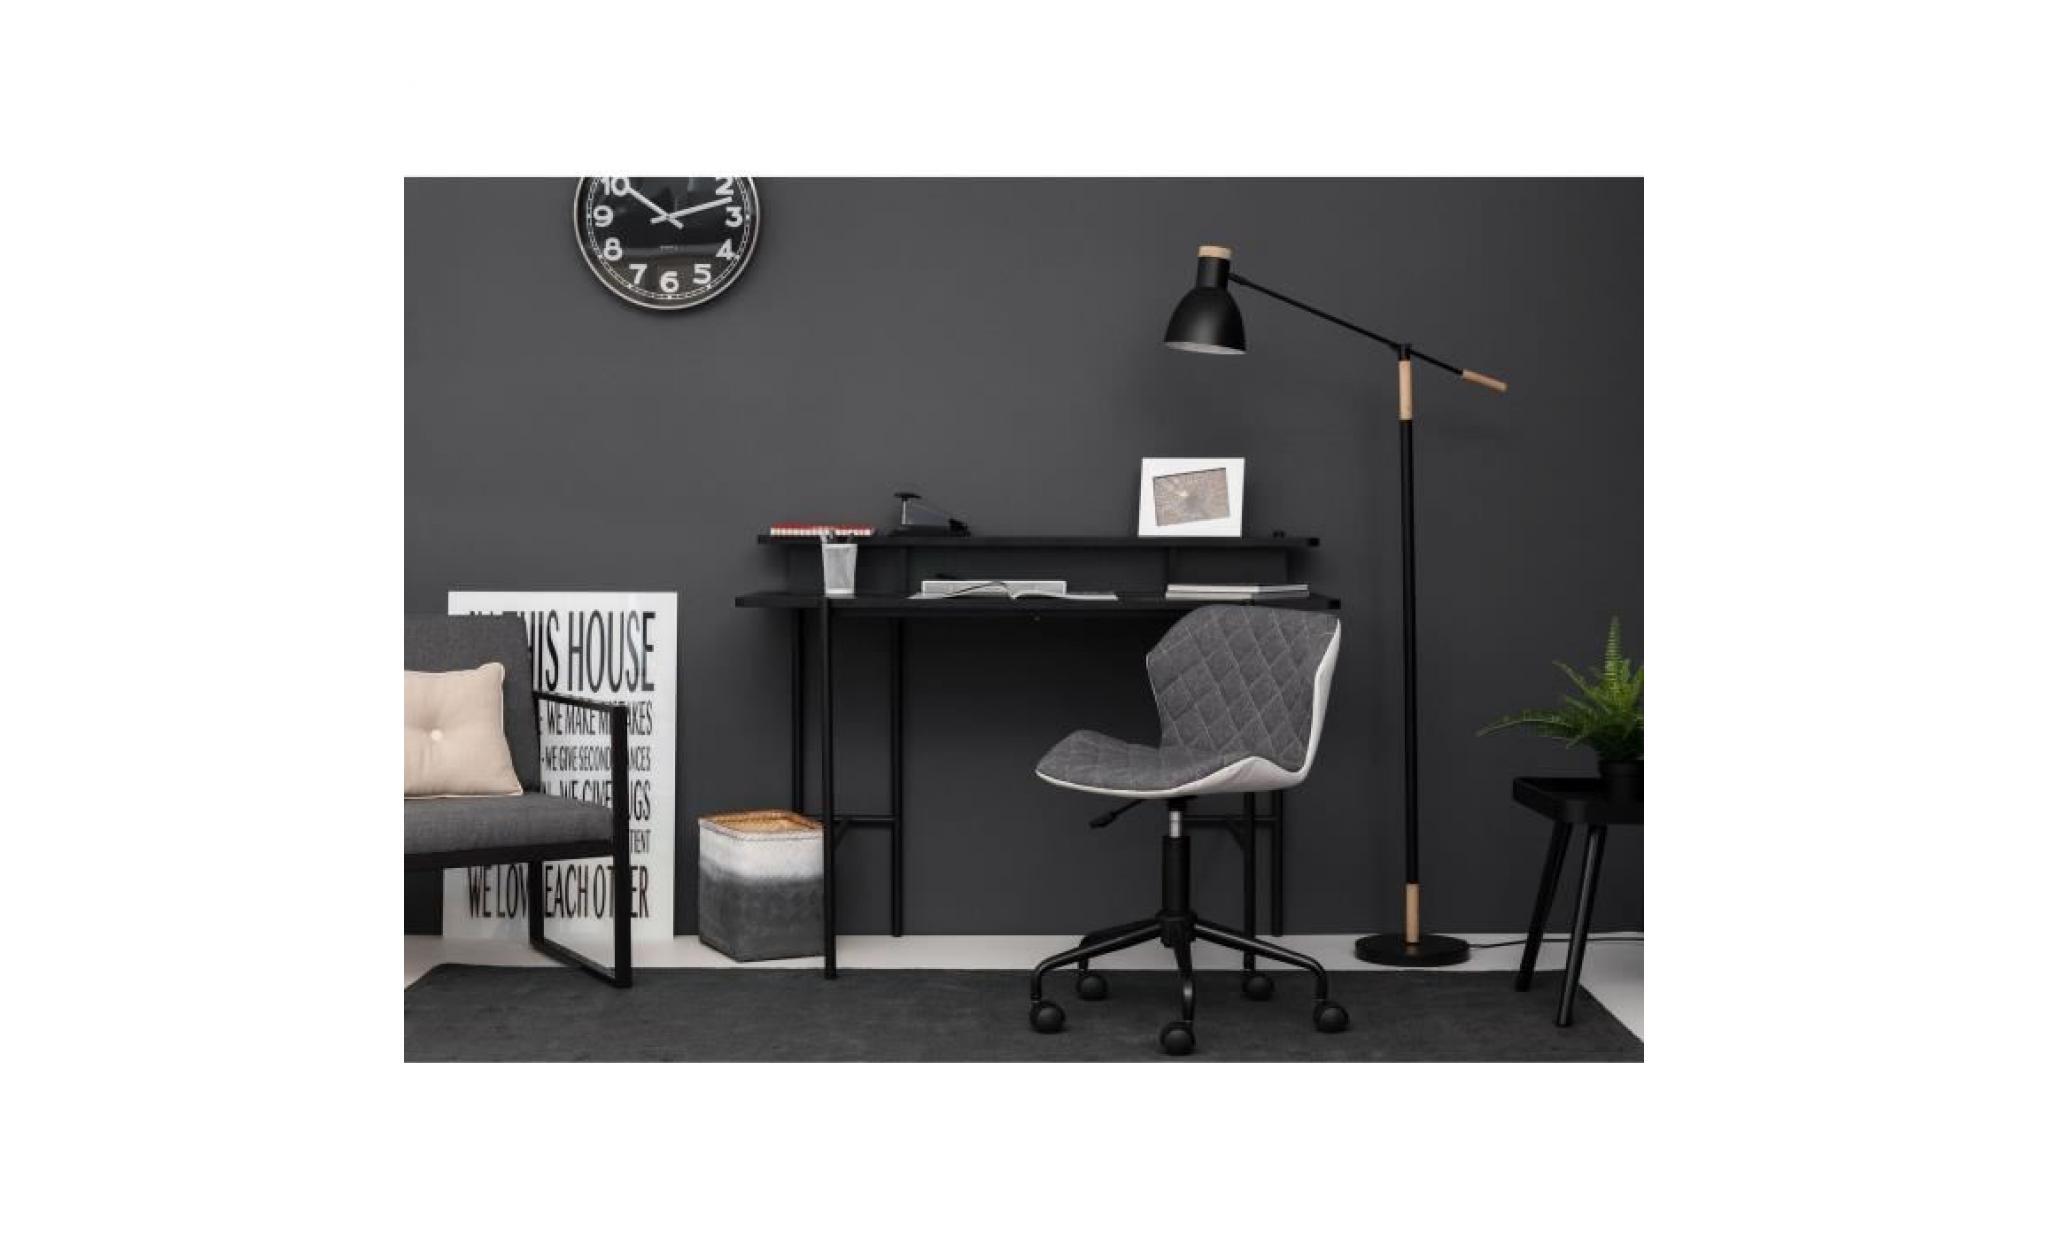 squate chaise de bureau tissu et simili gris fonce style industriel l 42 x p 35 cm achat vente chaise salle a manger pas cher couleur et design fr